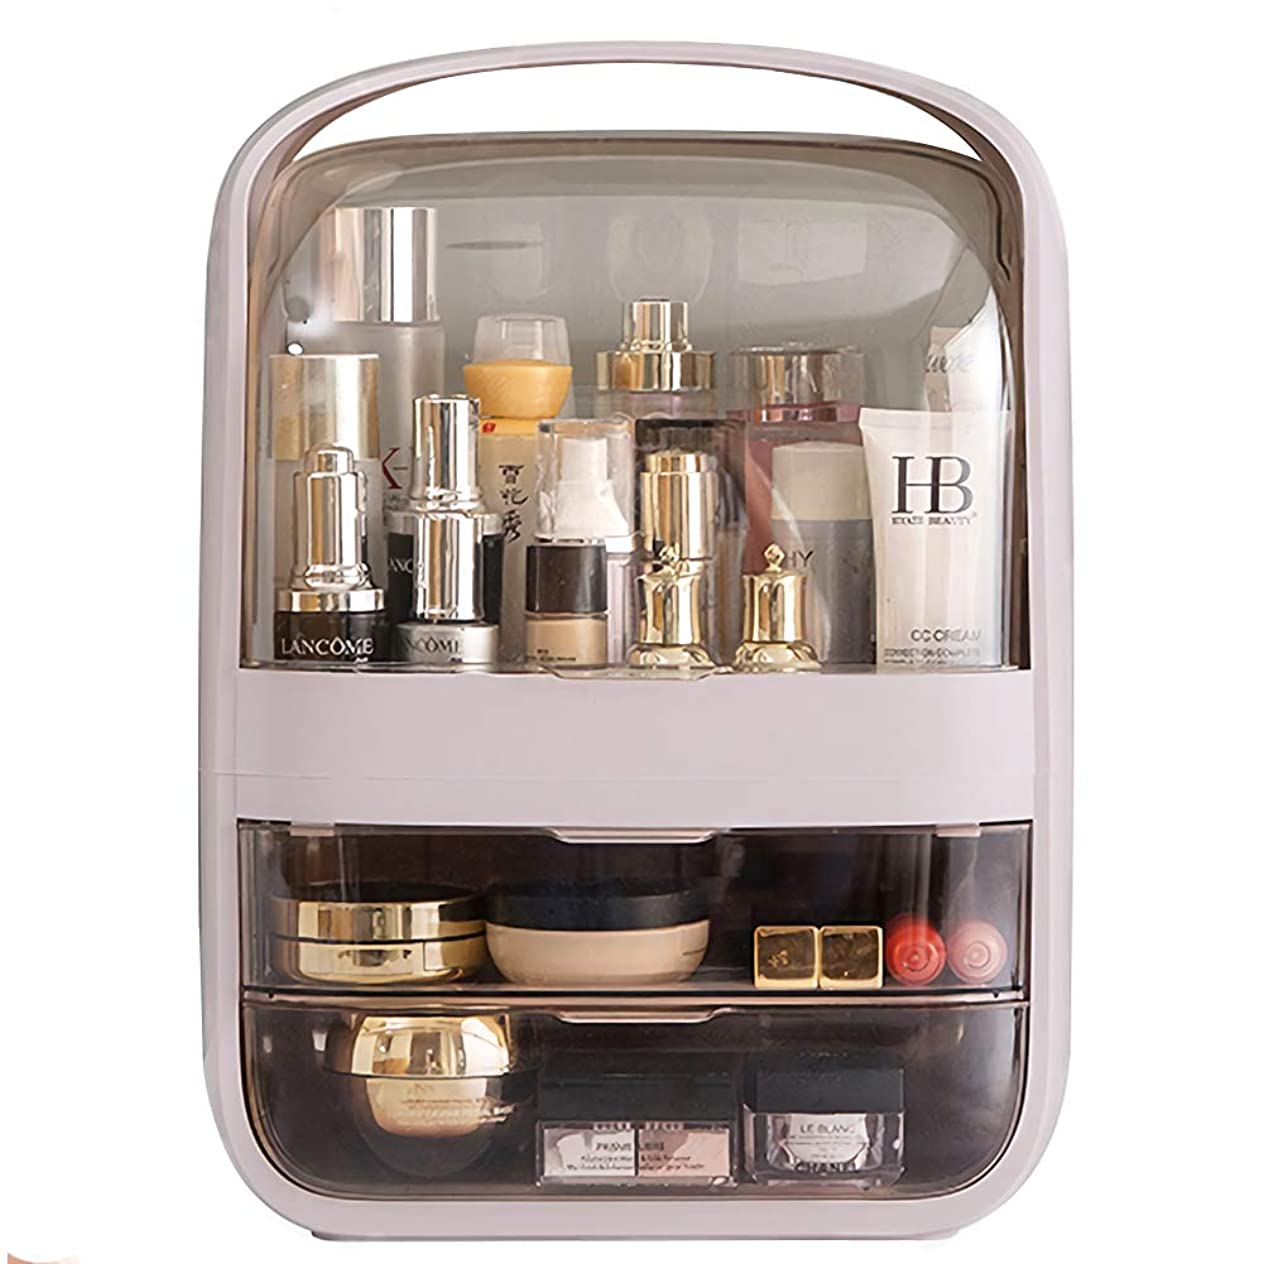 イースタータックル大気MAGIC UNION メイクボックス 化粧品収納ボックス 防塵 防水 大容量 ックス メイクケース 持ち運び 化粧箱 卓上収納 寝室 浴室 洗面所 家庭用